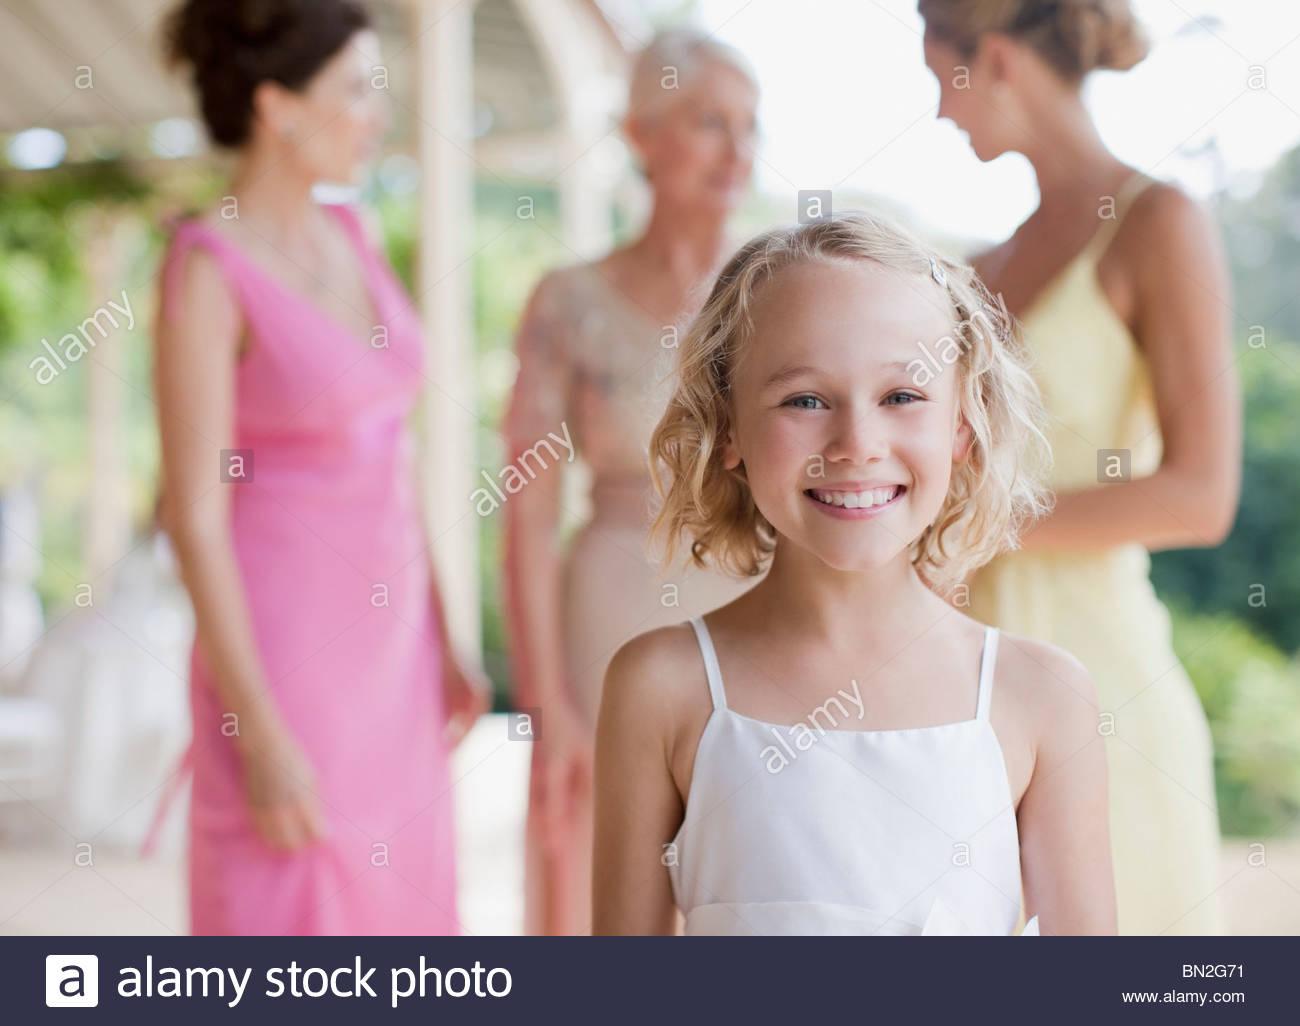 Marriage Ceremony Children Stock Photos & Marriage Ceremony Children ...